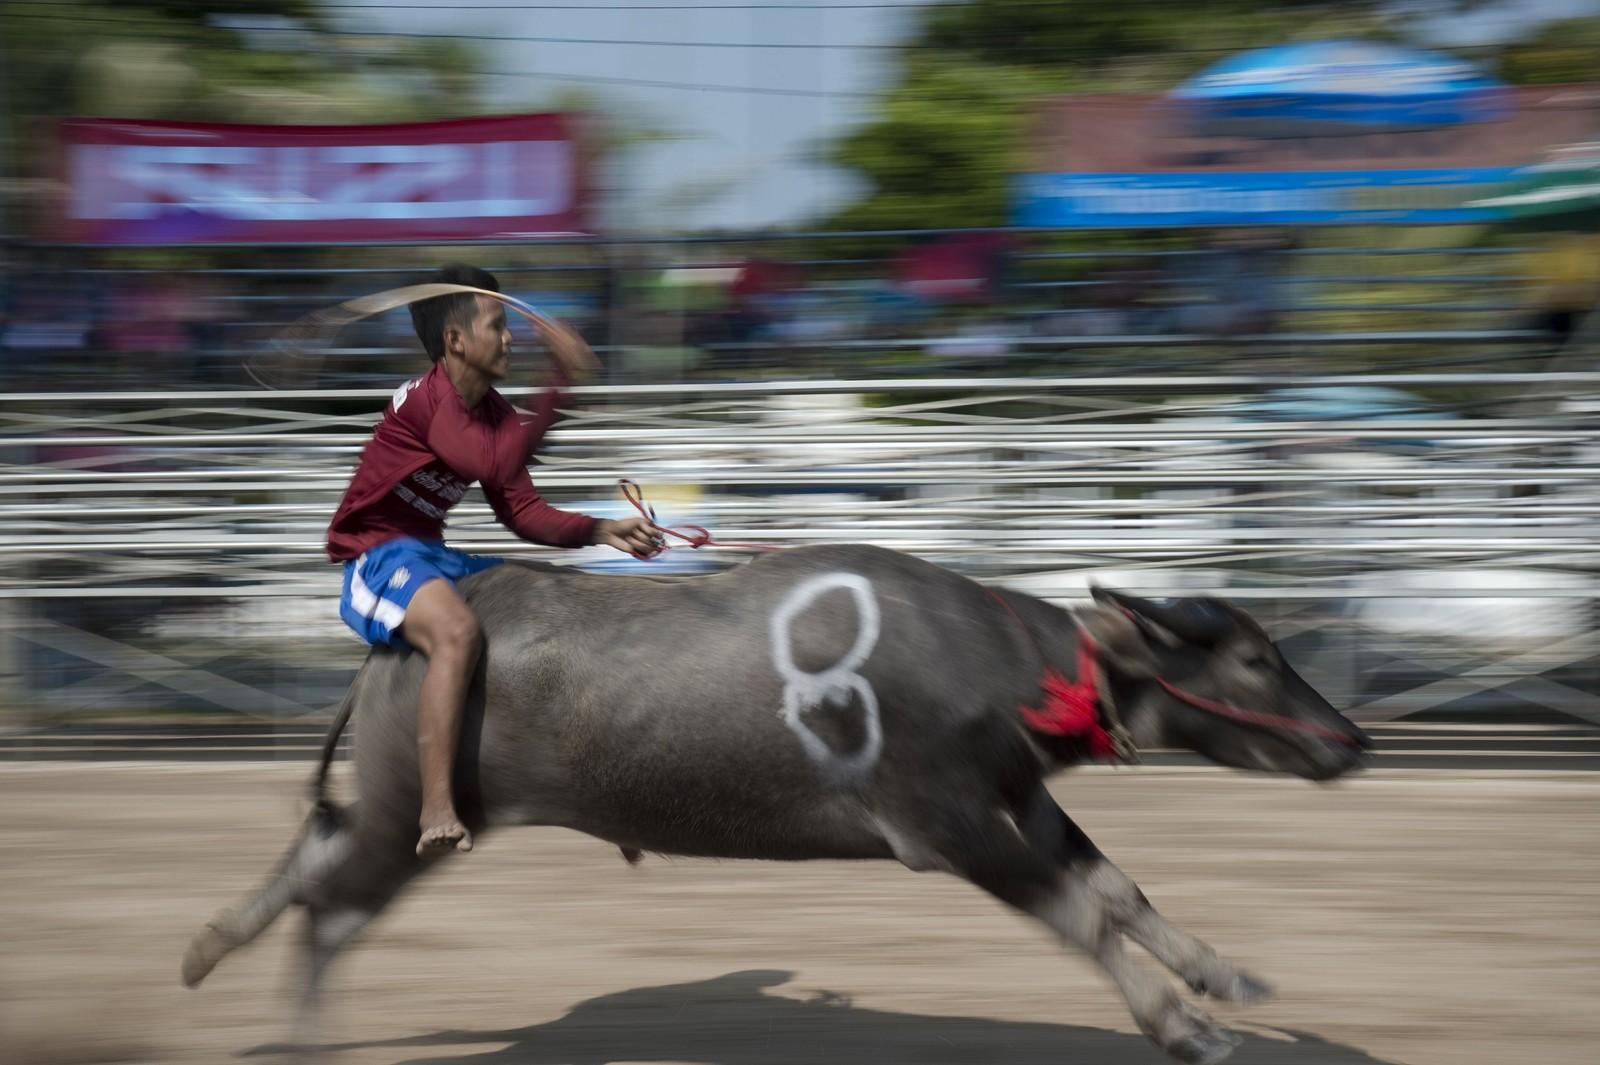 Okseløpet i Thailand arrangeres av bønder som feirer årets avling.